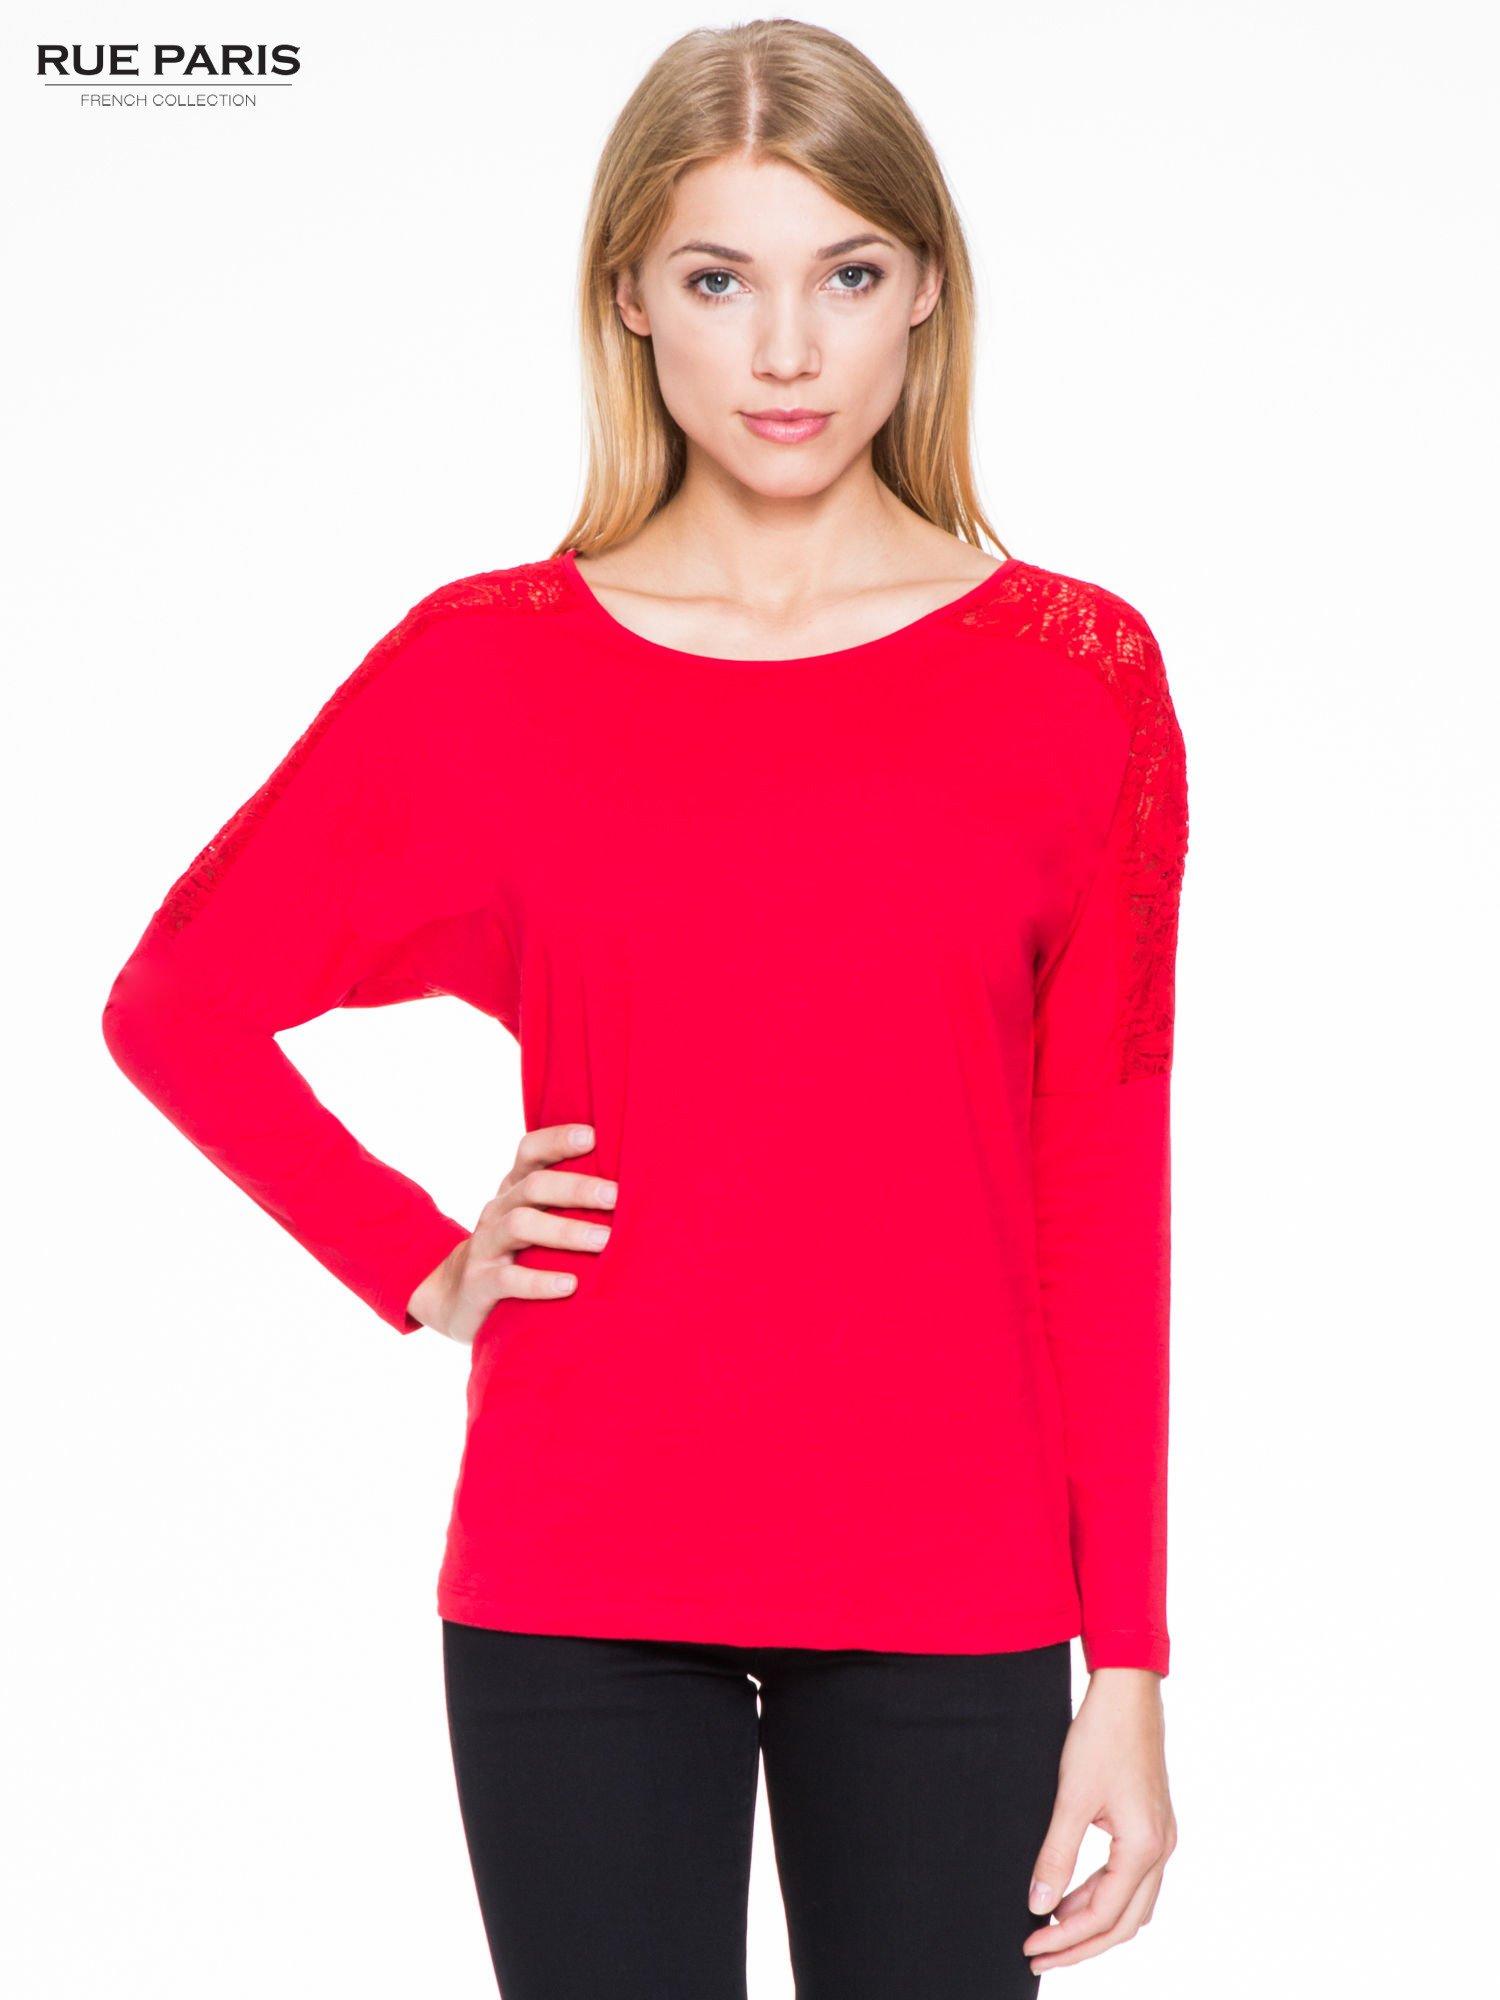 Czerwona bluzka z koronkową wstawką na rękawach i z tyłu                                  zdj.                                  1